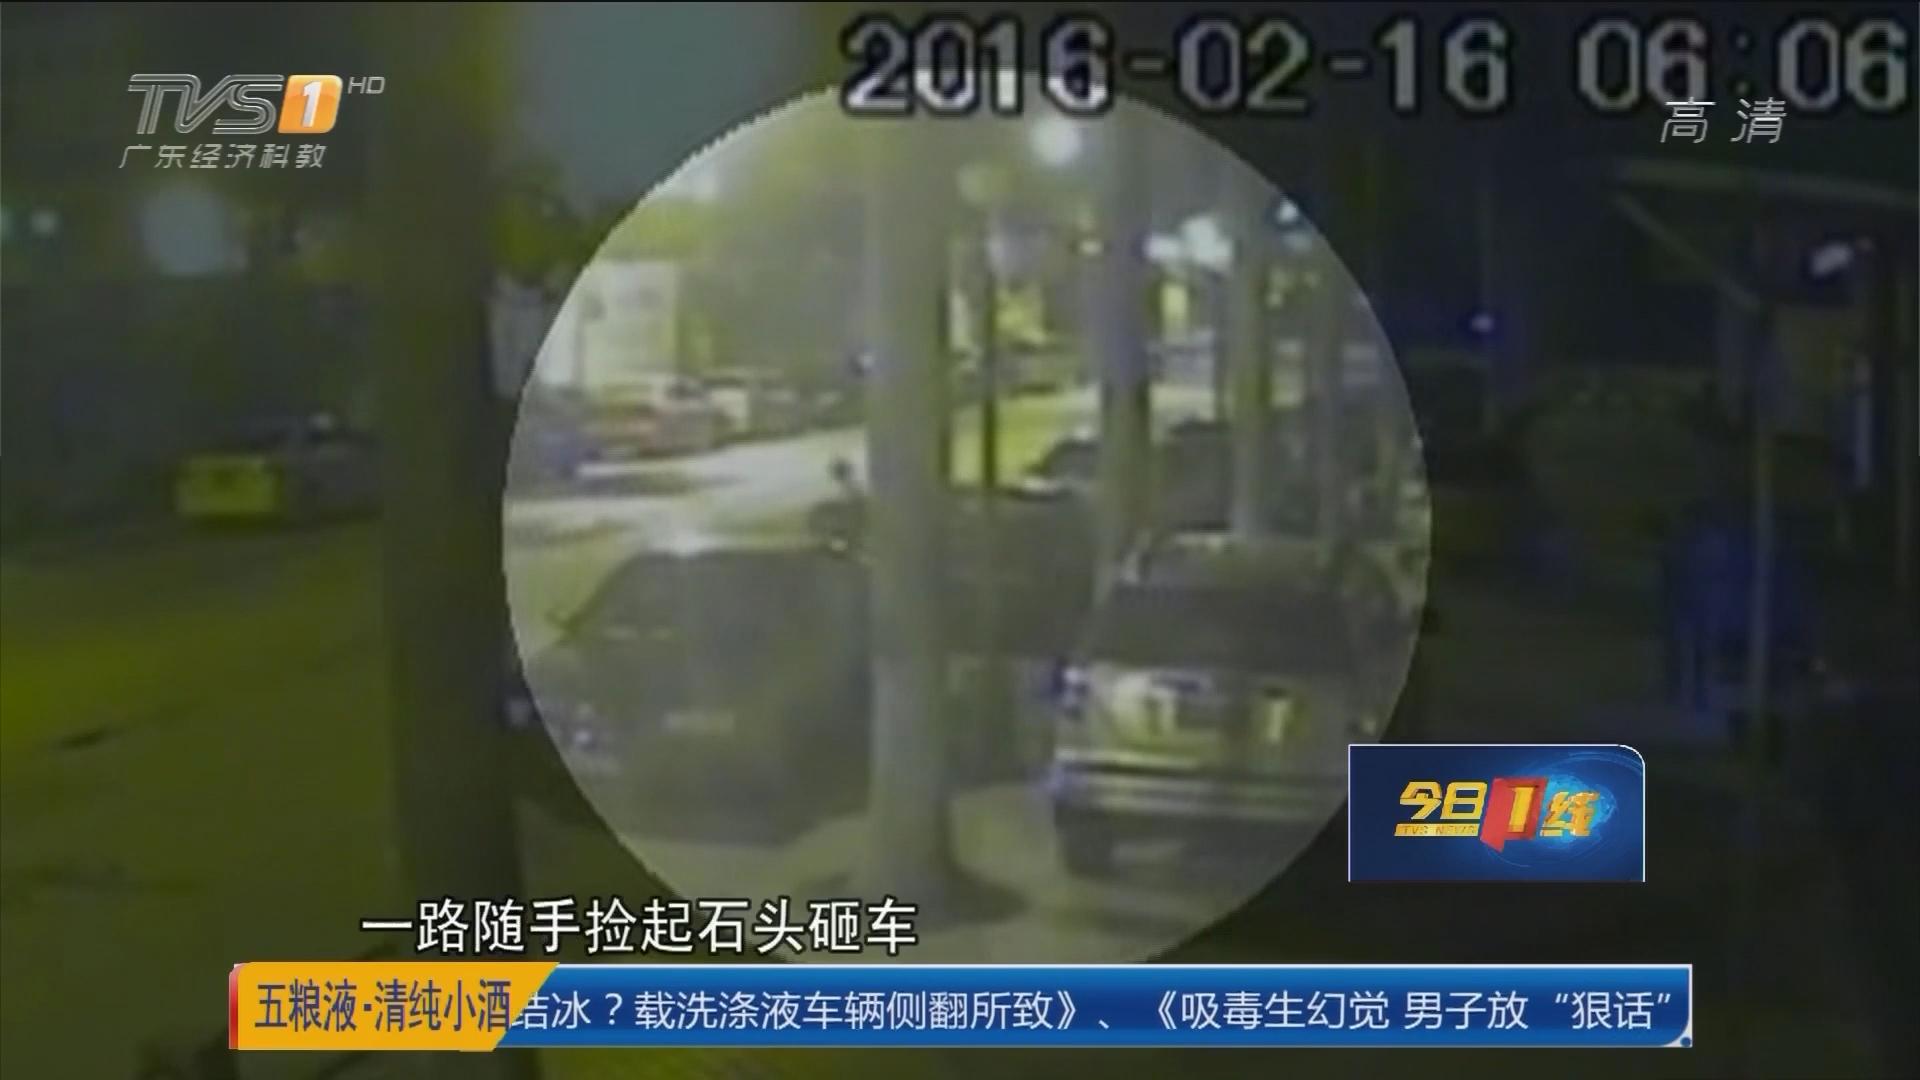 汕头:搬石砸车21辆 疯狂男子被刑拘